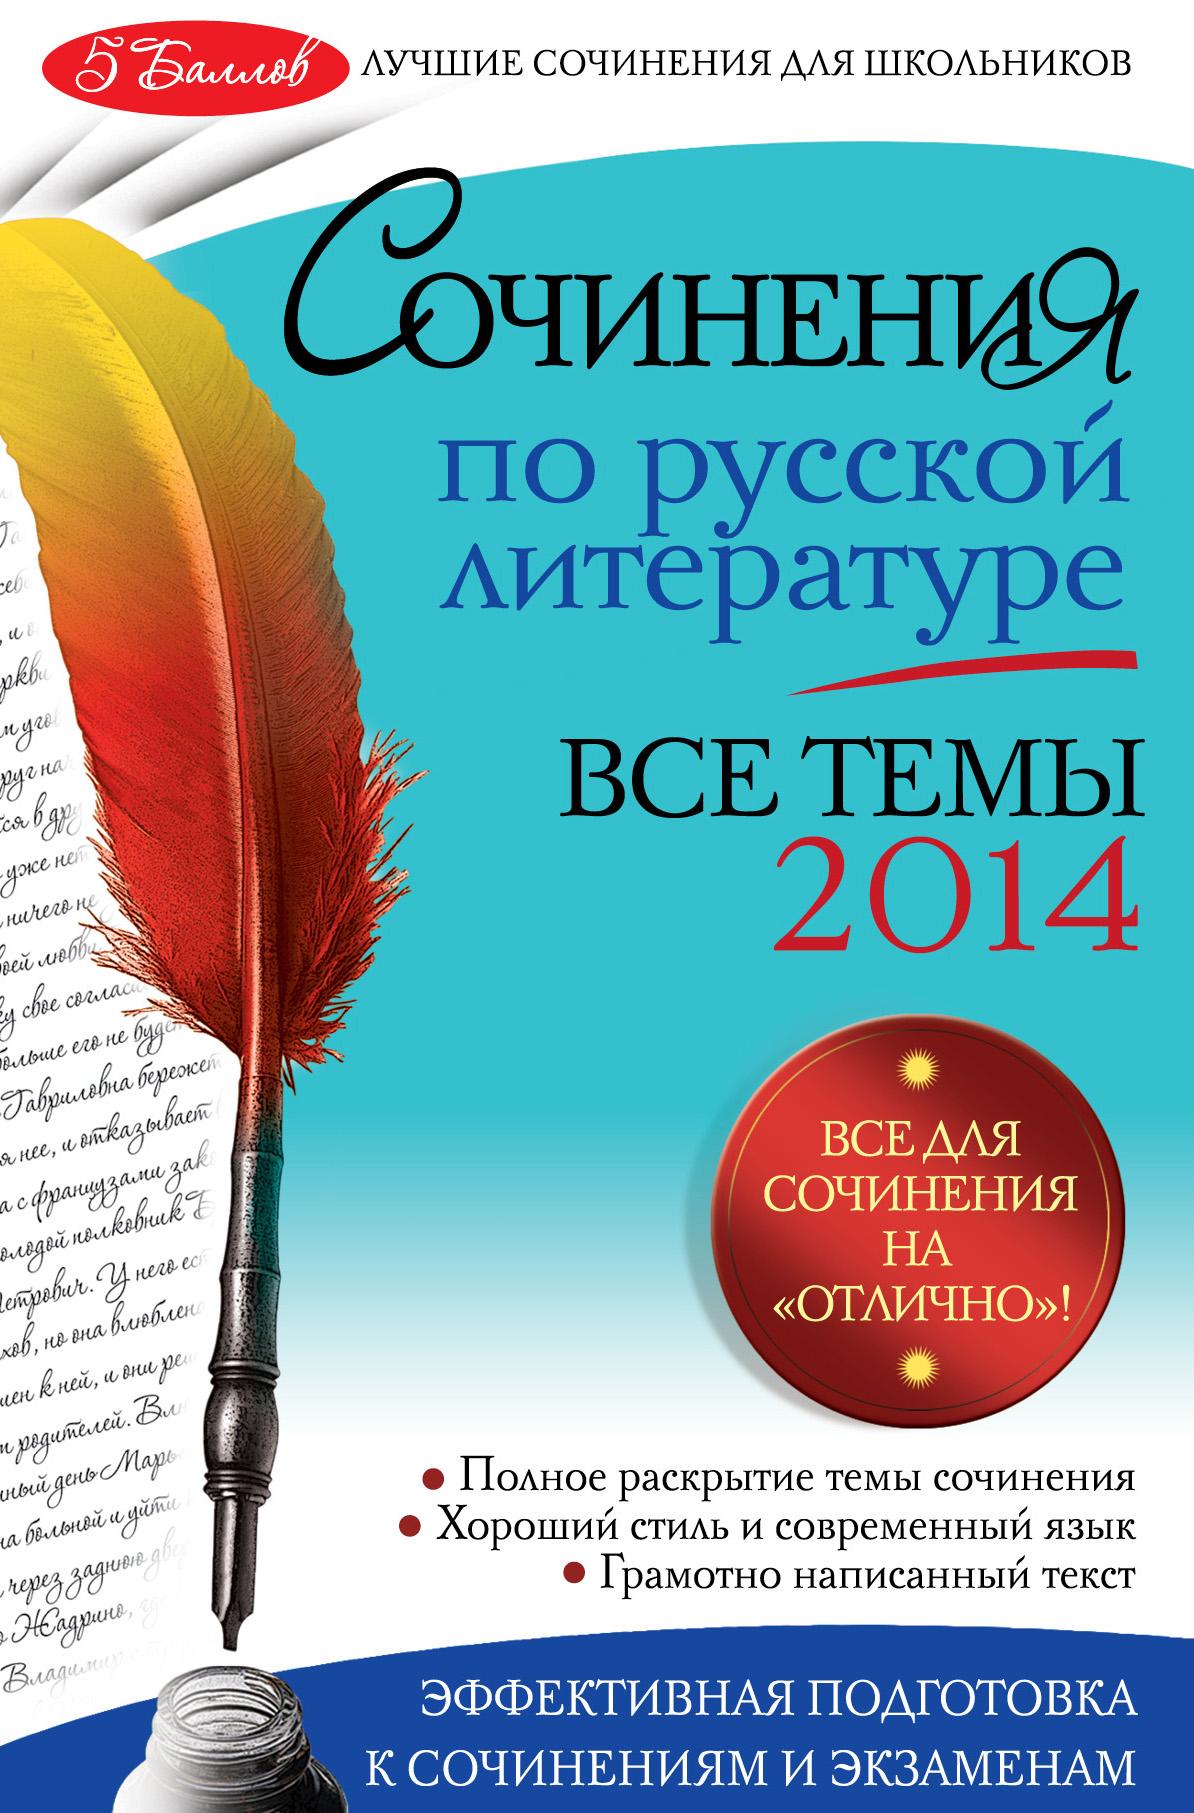 Сочинения по русской литературе. Все темы 2014 г.